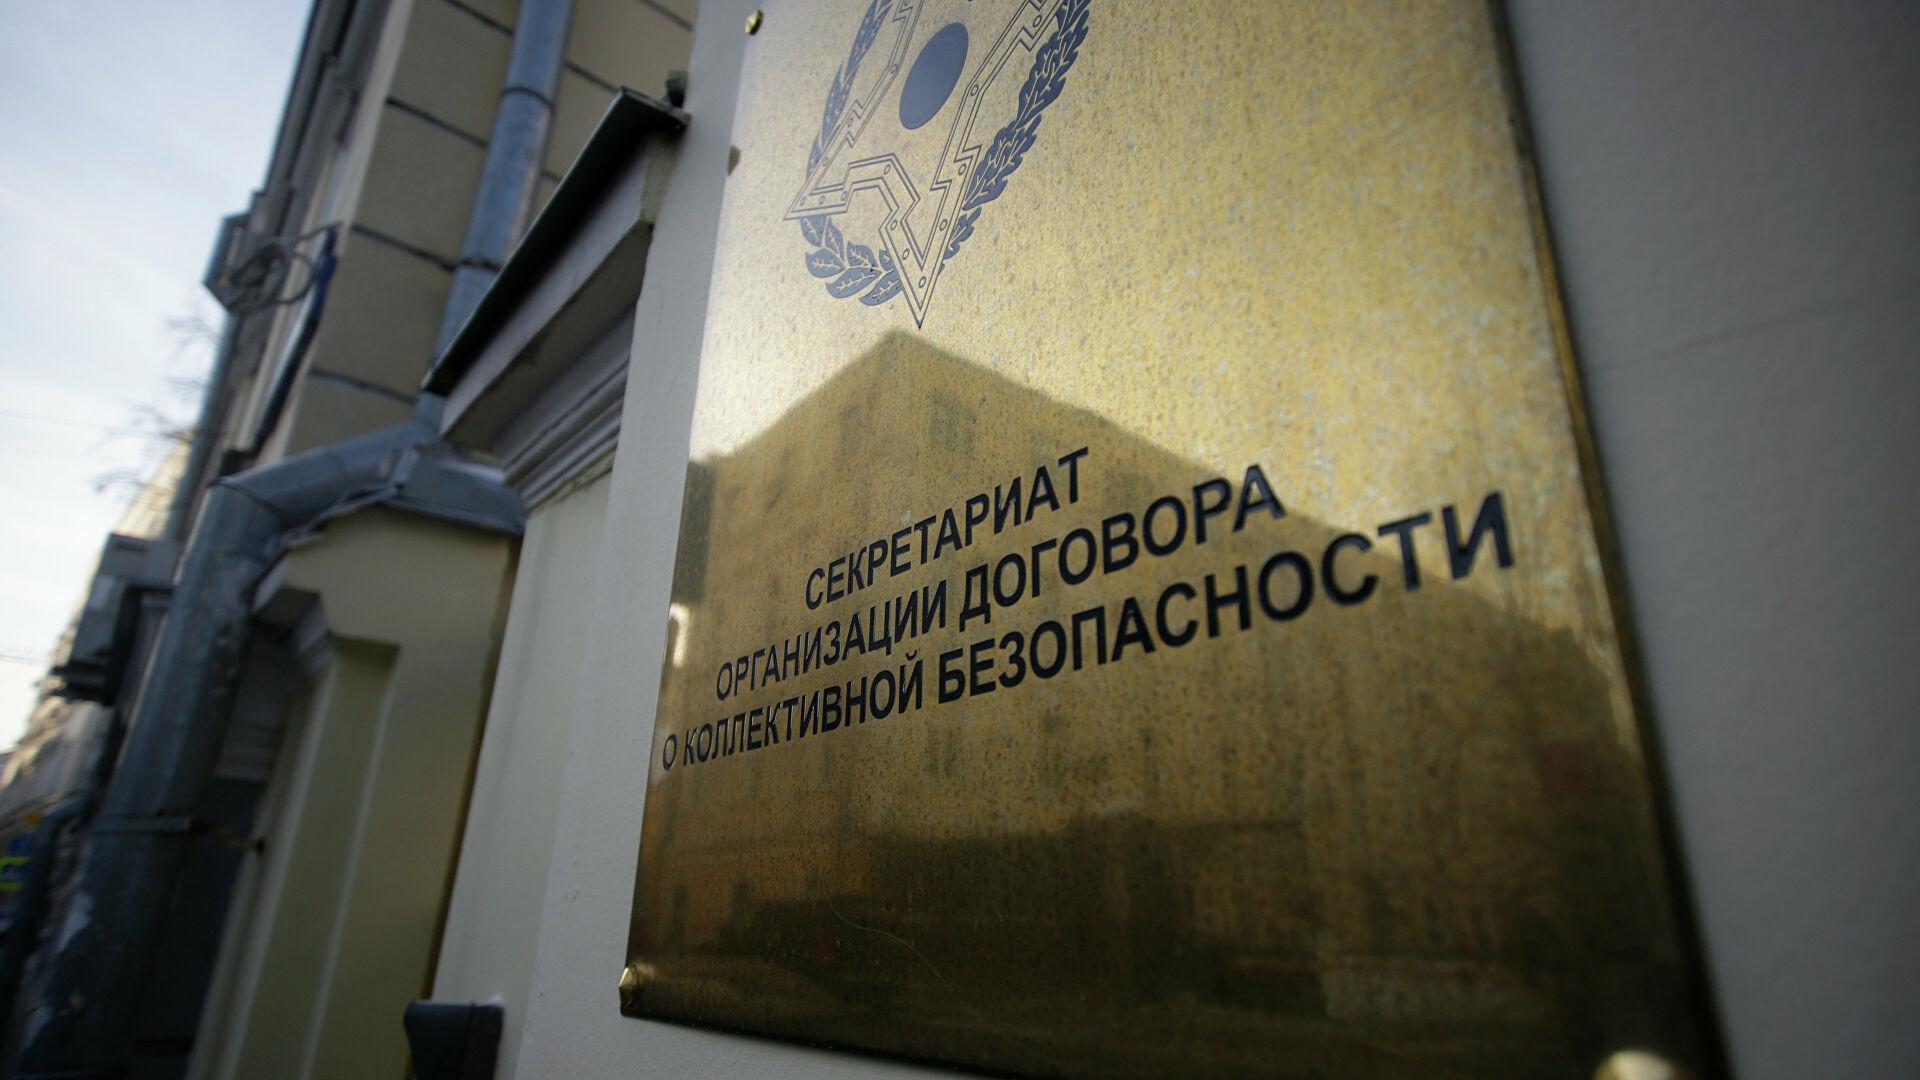 ОДКБ ответила на критику Пашиняна в адрес организации